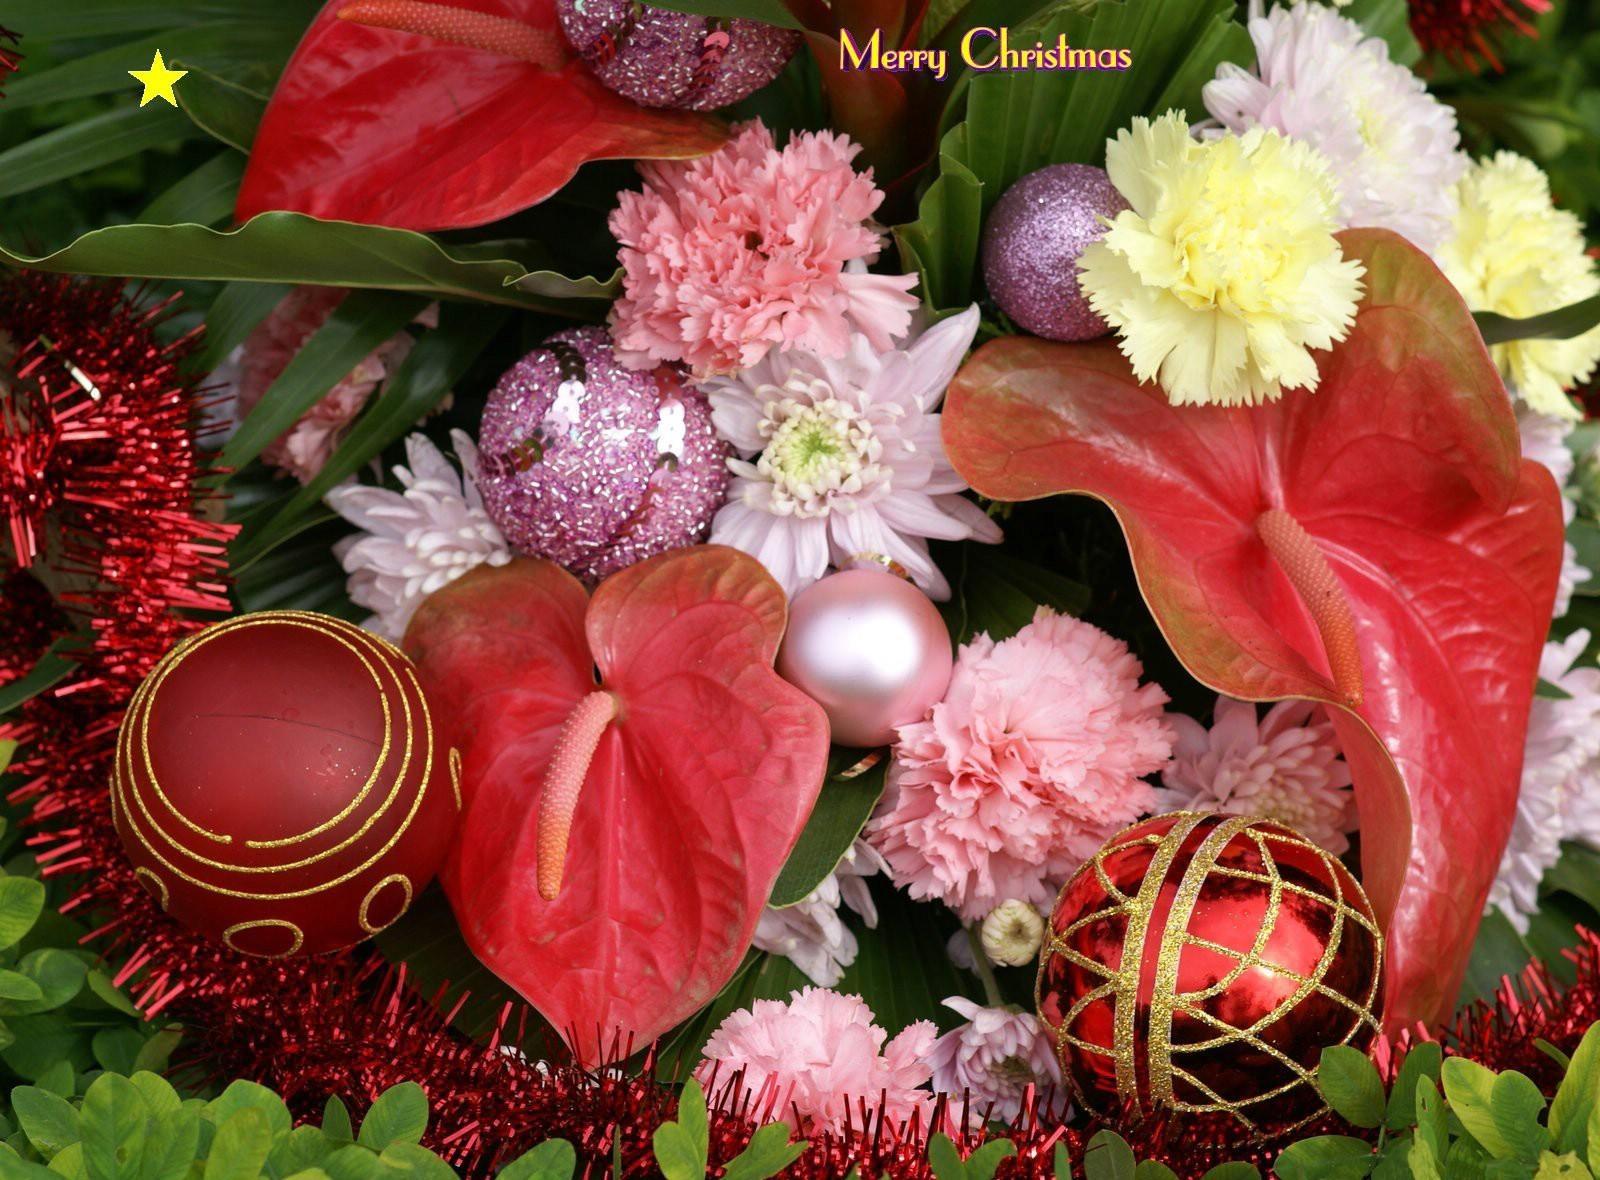 113259 Hintergrundbild herunterladen Feiertage, Weihnachten, Nelken, Grüne, Grünen, Inschrift, Weihnachtsschmuck, Weihnachtsbaum Spielzeug, Lametta, Anthurie, Anthurium - Bildschirmschoner und Bilder kostenlos